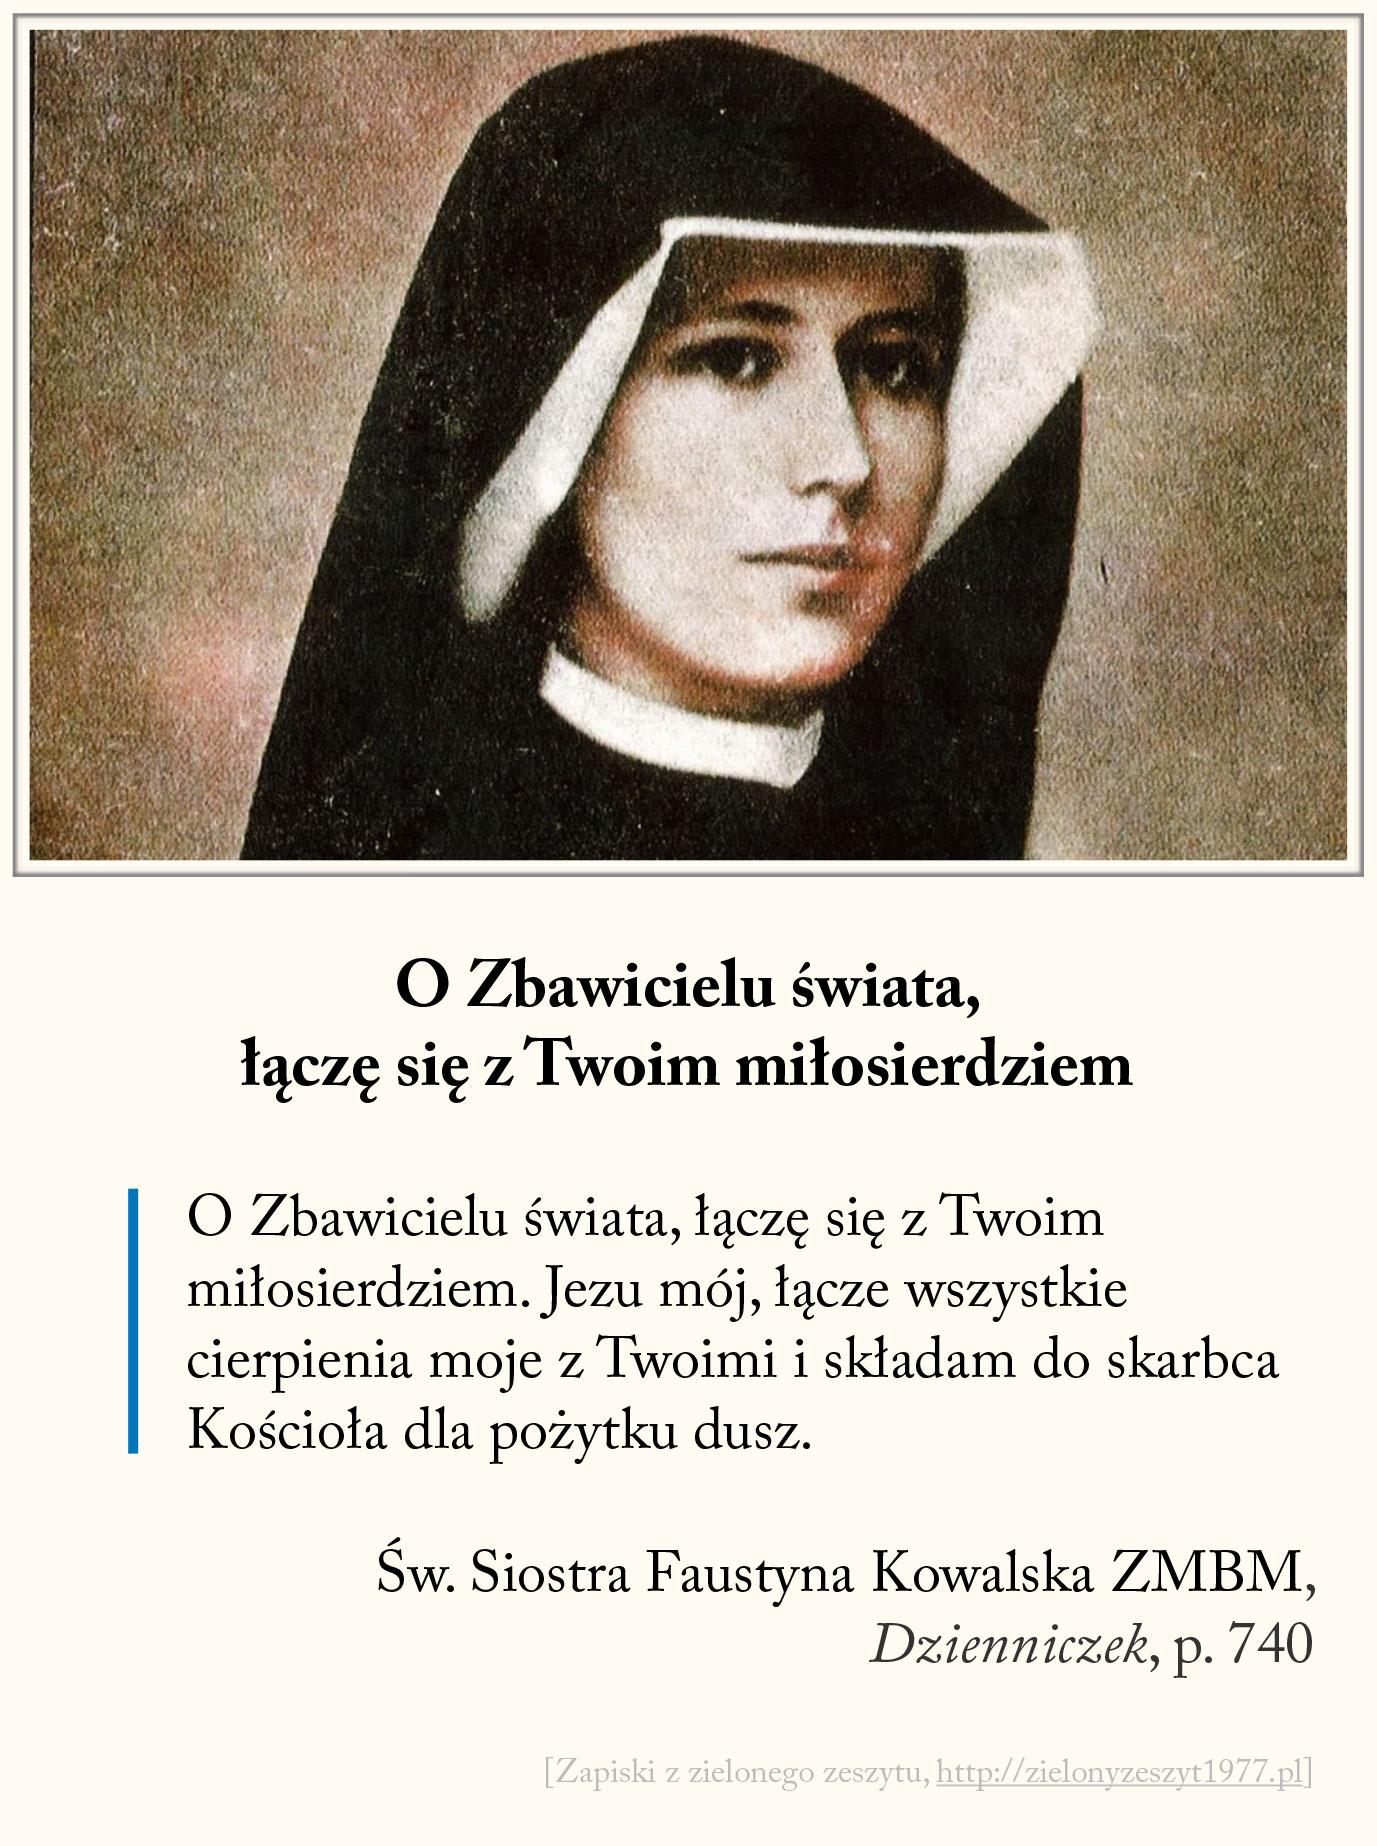 O Zbawicielu świata, łączę się z Twoim miłosierdziem, św. Faustyna Kowalska